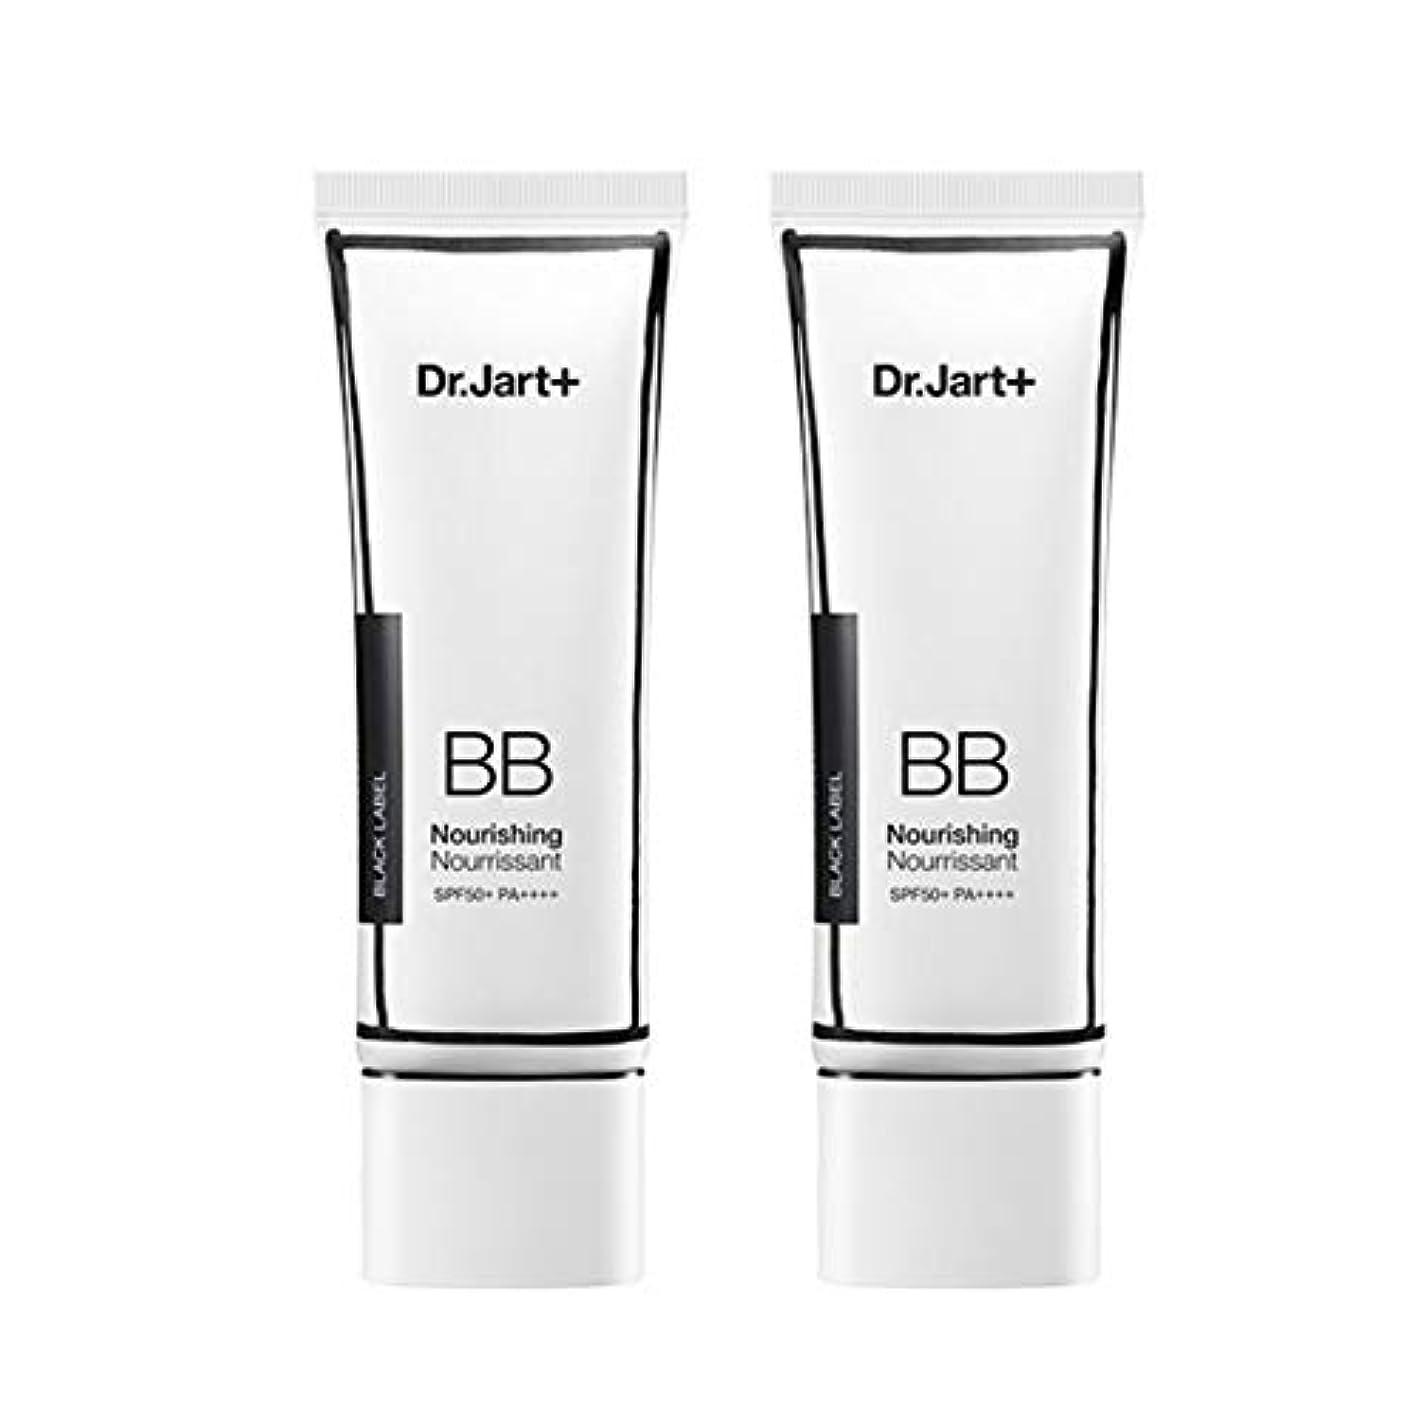 蒸し器パック三角ドクタージャルトゥザメイクアップノリシンビューティーbalm 50ml x 2本セットBBクリーム、Dr.Jart Dermakeup Nourishing Beauty Balm 50ml x 2ea Set BB Cream...